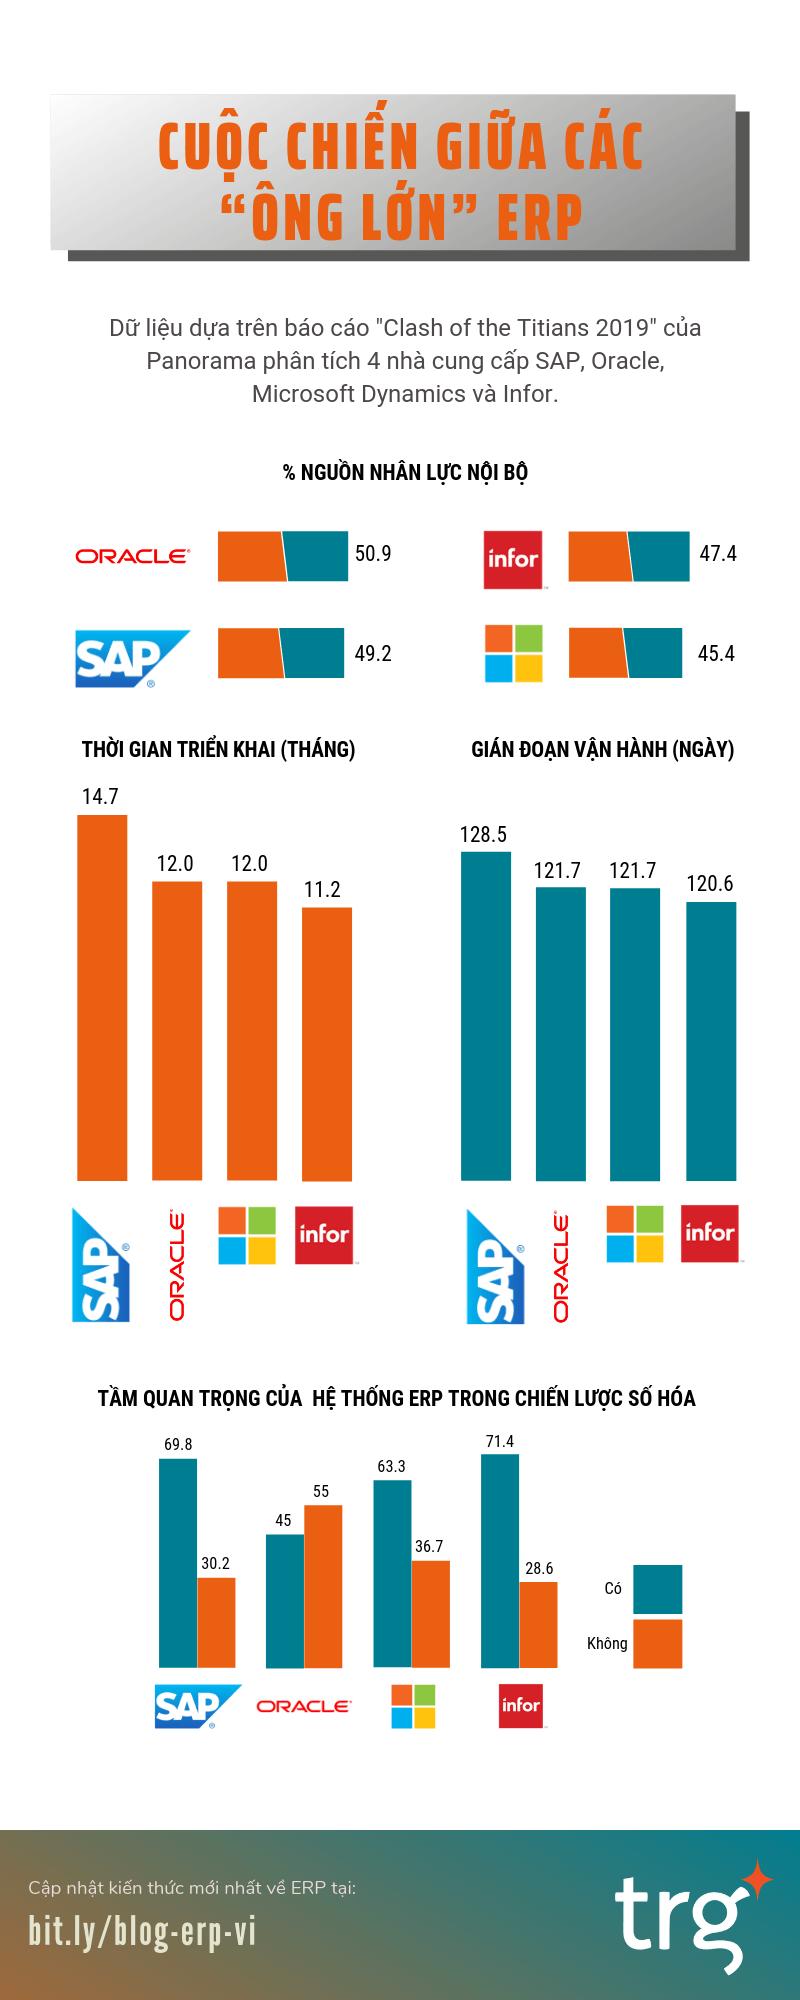 So sánh các giải pháp ERP của SAP, Oracle, Miscrosoft Dynamics và Infor